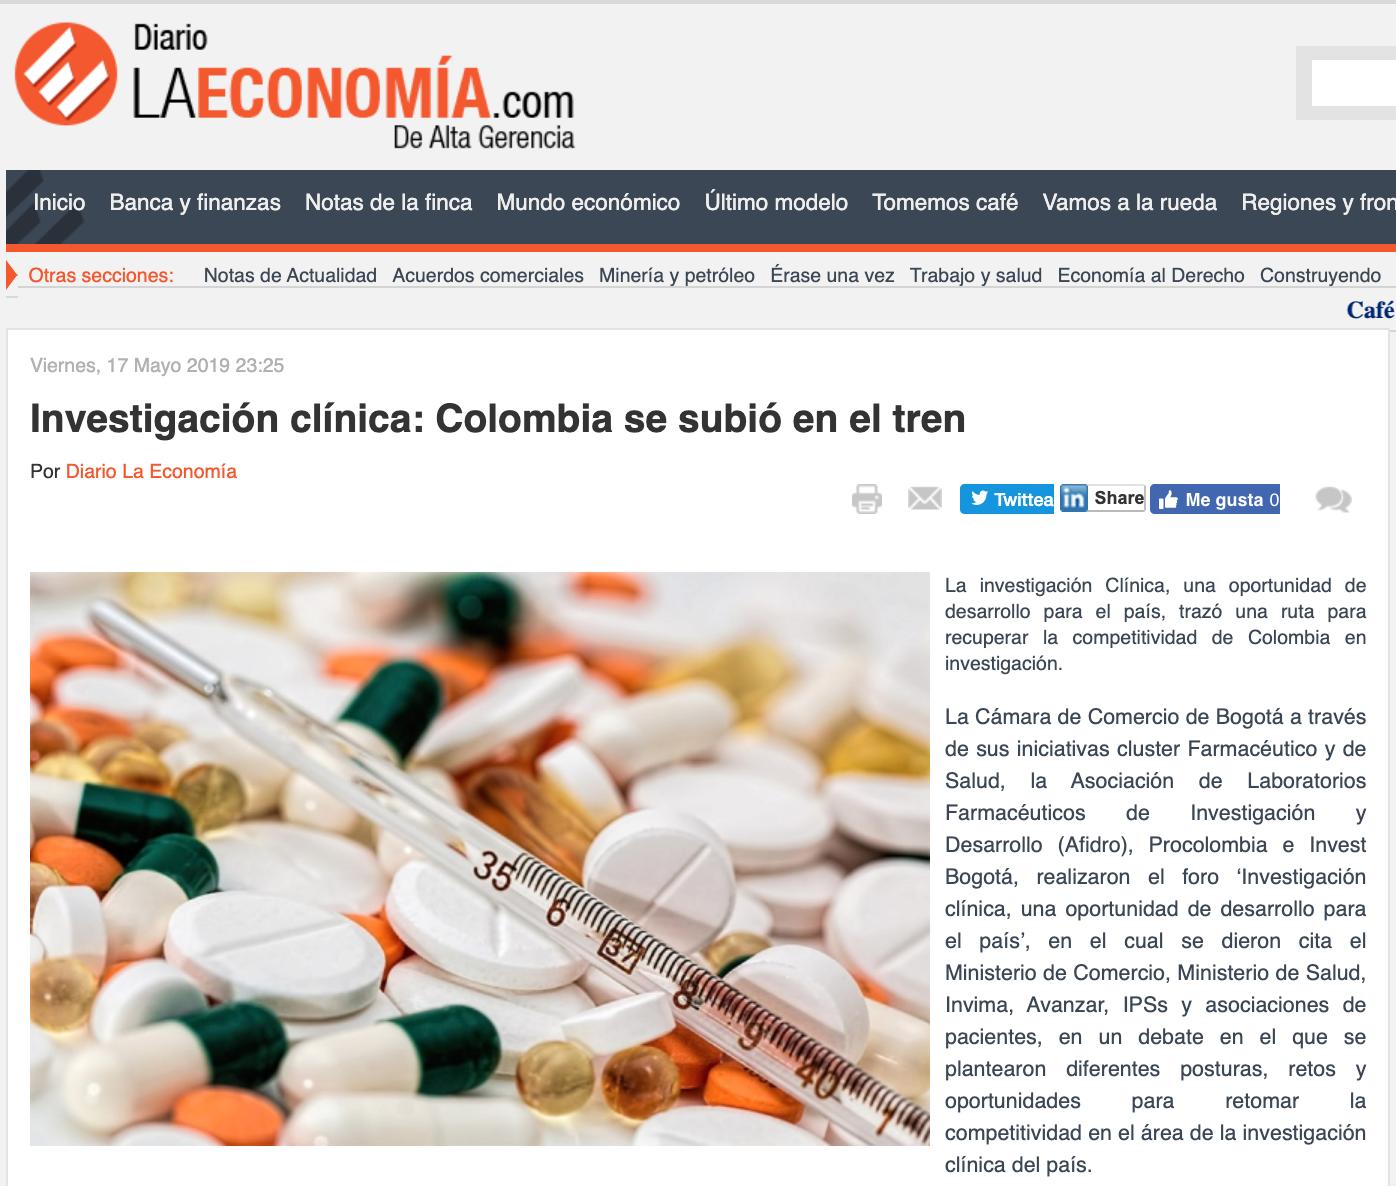 La investigación Clínica, una oportunidad de desarrollo para el país, trazó una ruta para recuperar la competitividad de Colombia en investigación.